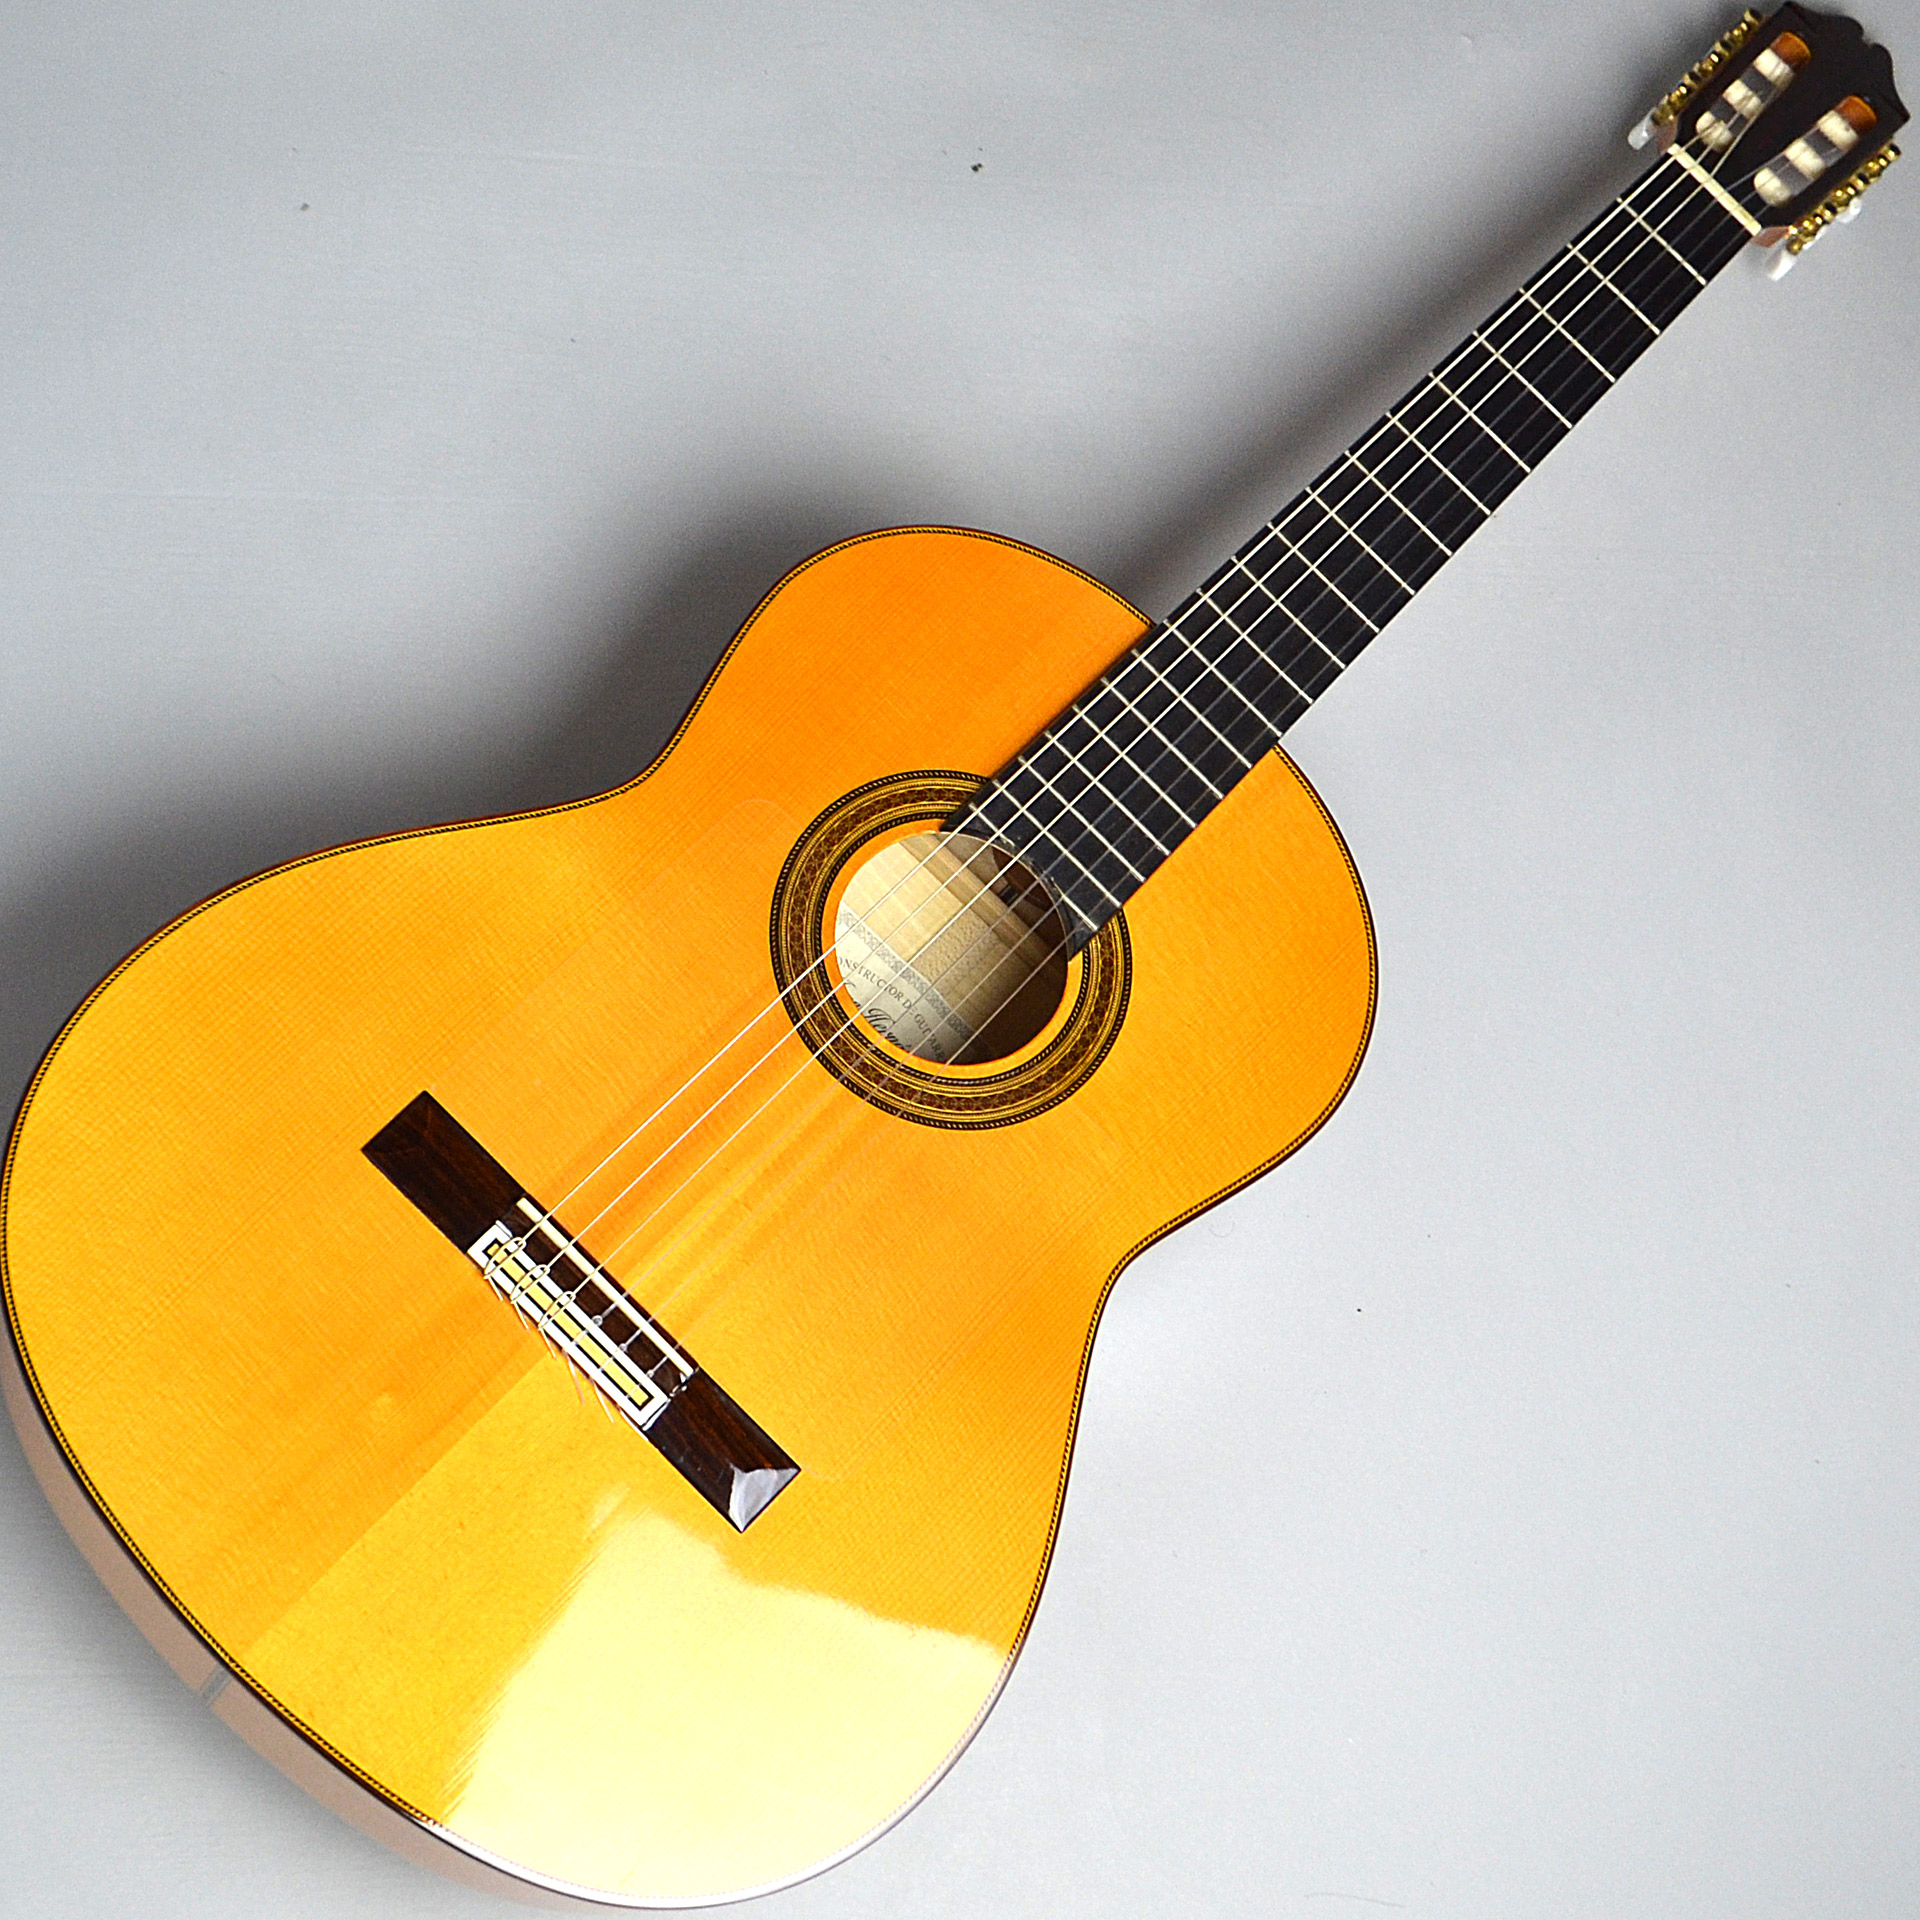 Estudio Flamencaのボディトップ-アップ画像